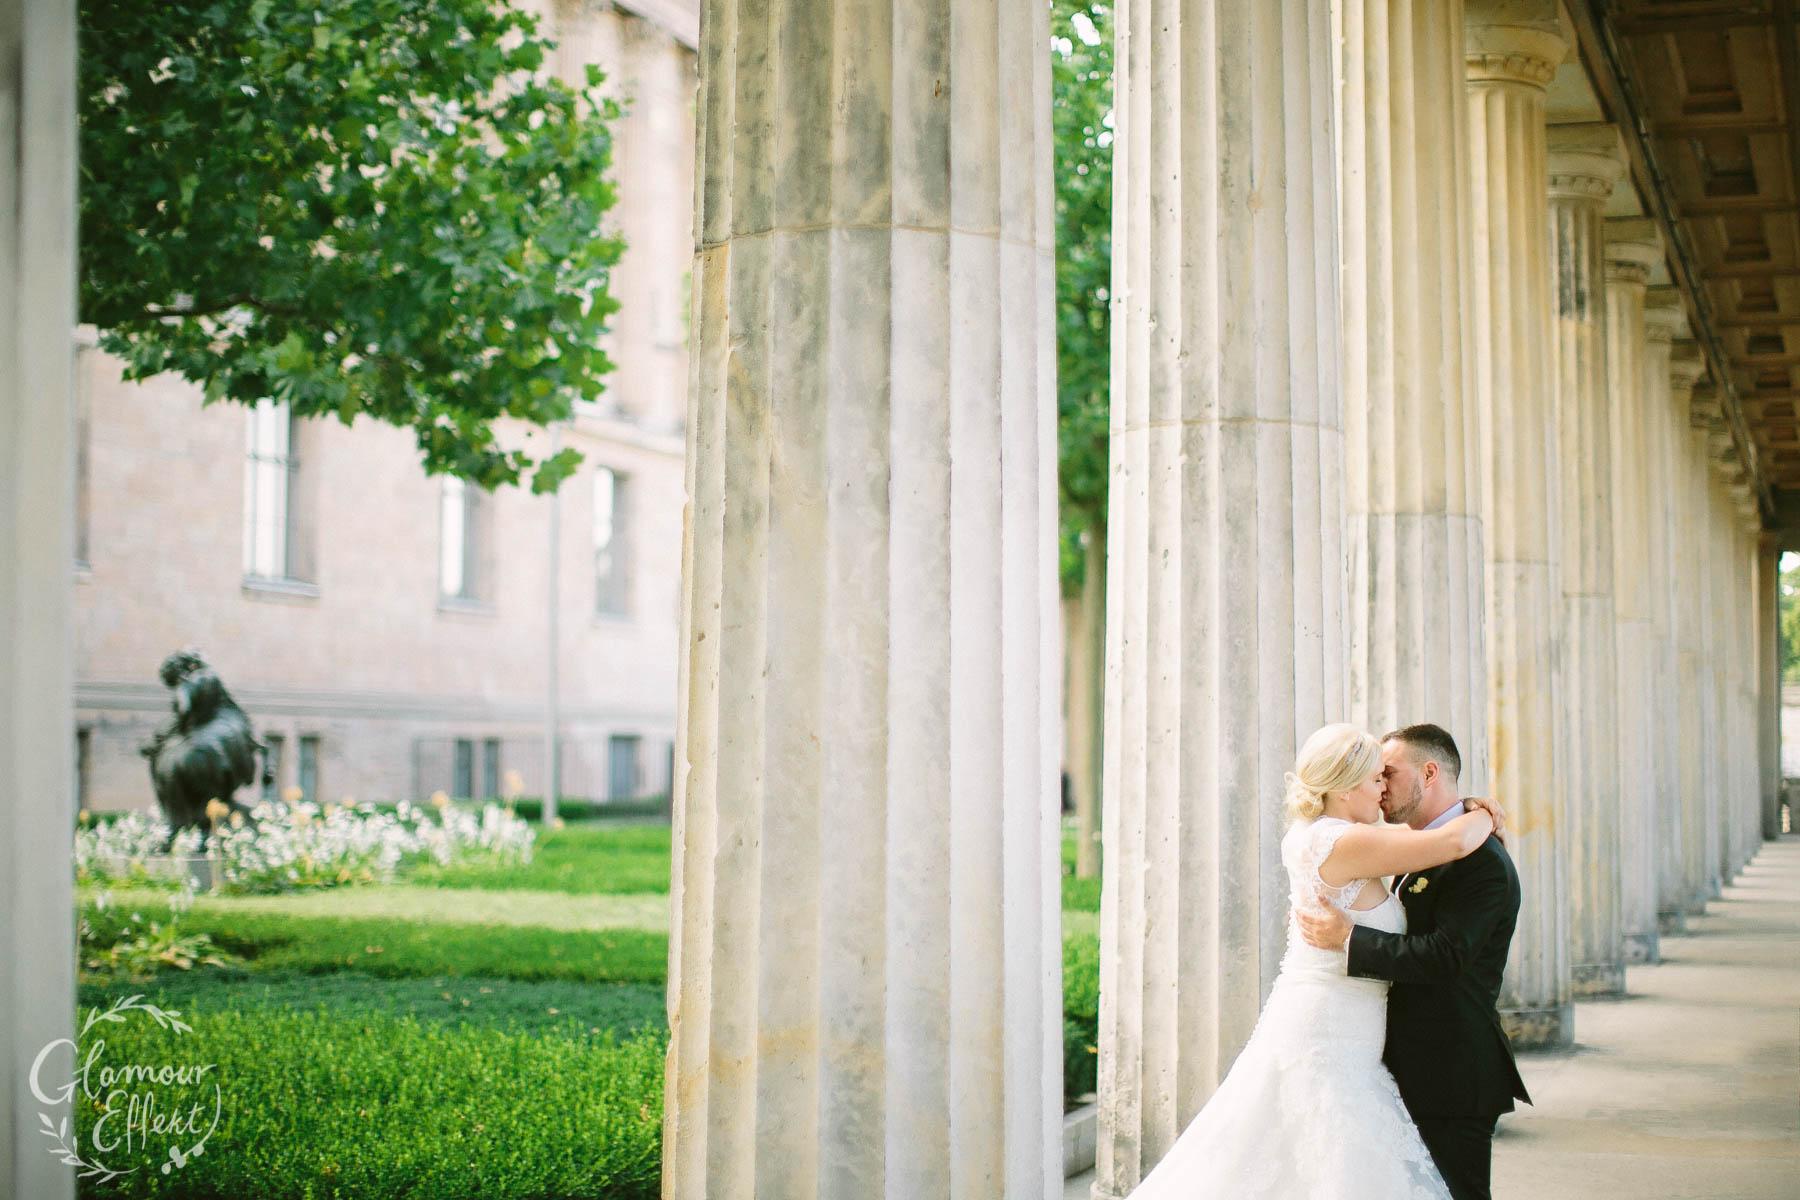 Kreative Ideen für Brautpaar Fotoshooting Hochzeit in Berlin (Museumsinsel)